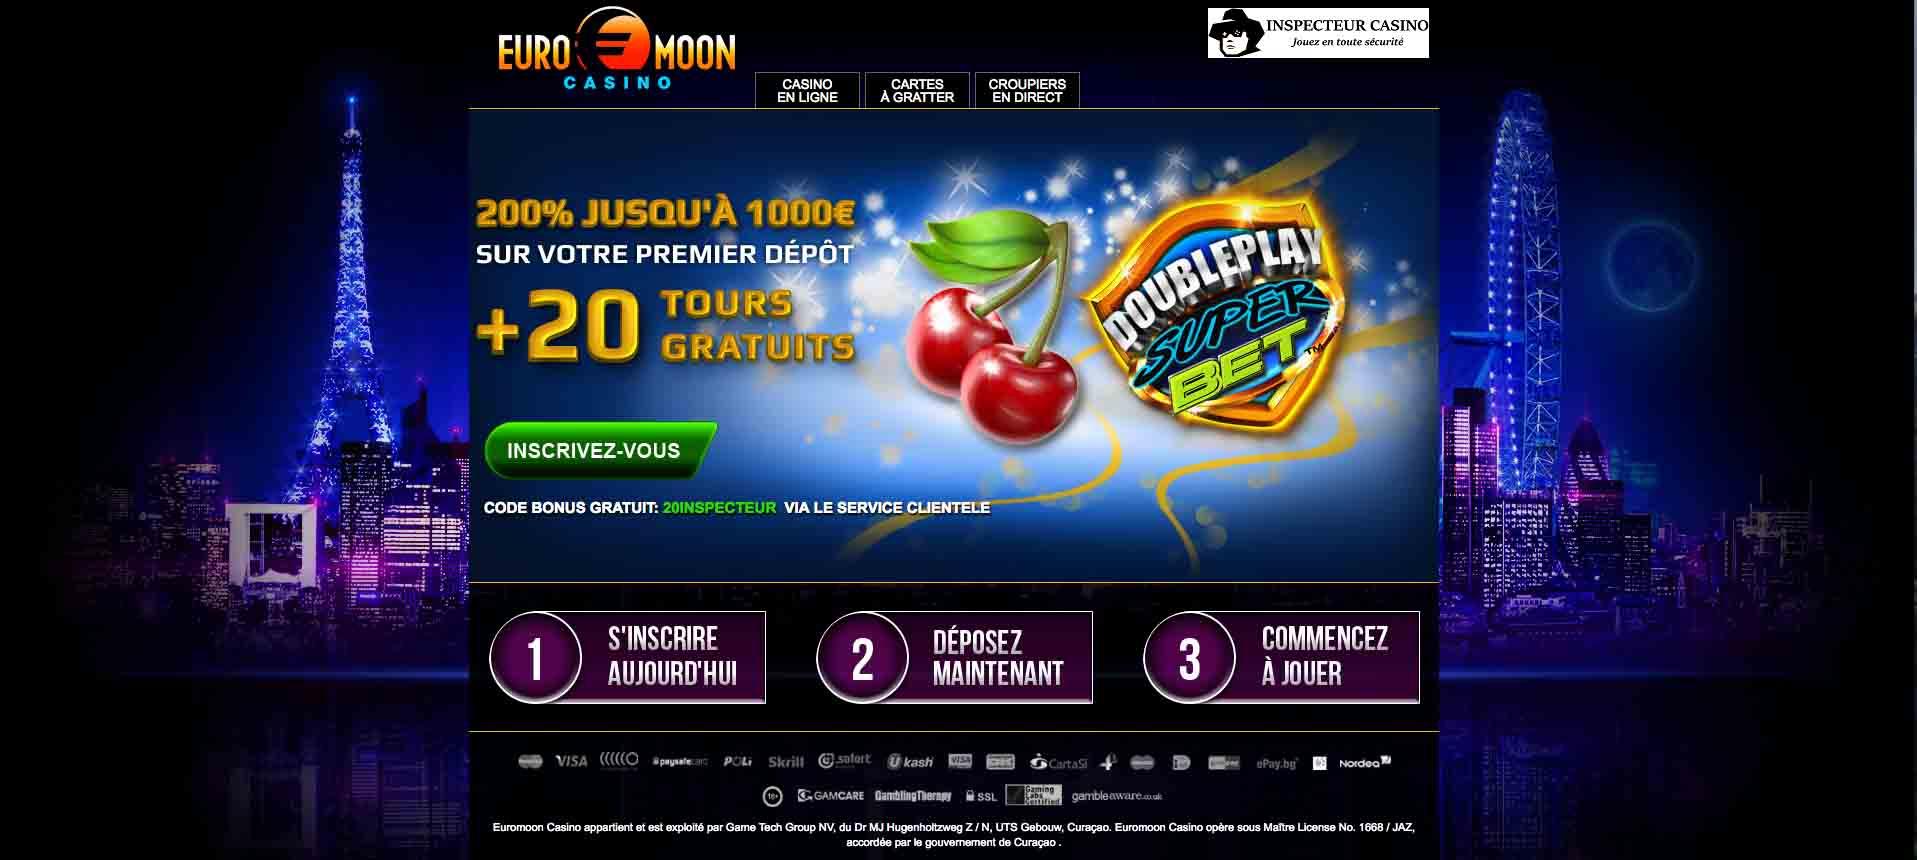 ou-trouver-les-meilleurs-casinos-en-ligne-euromoon